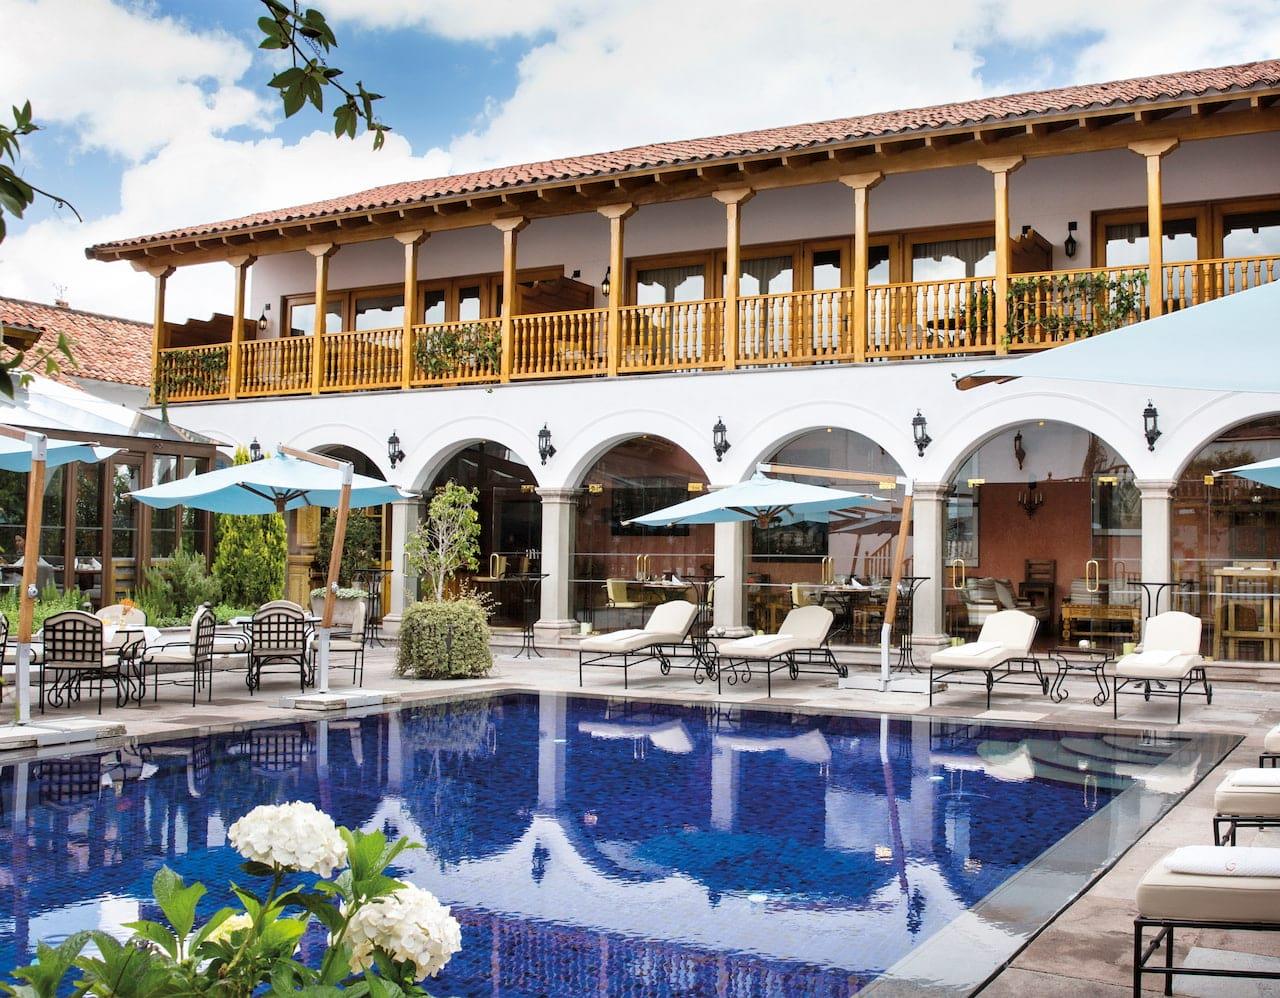 Palacio Nazarenas pool